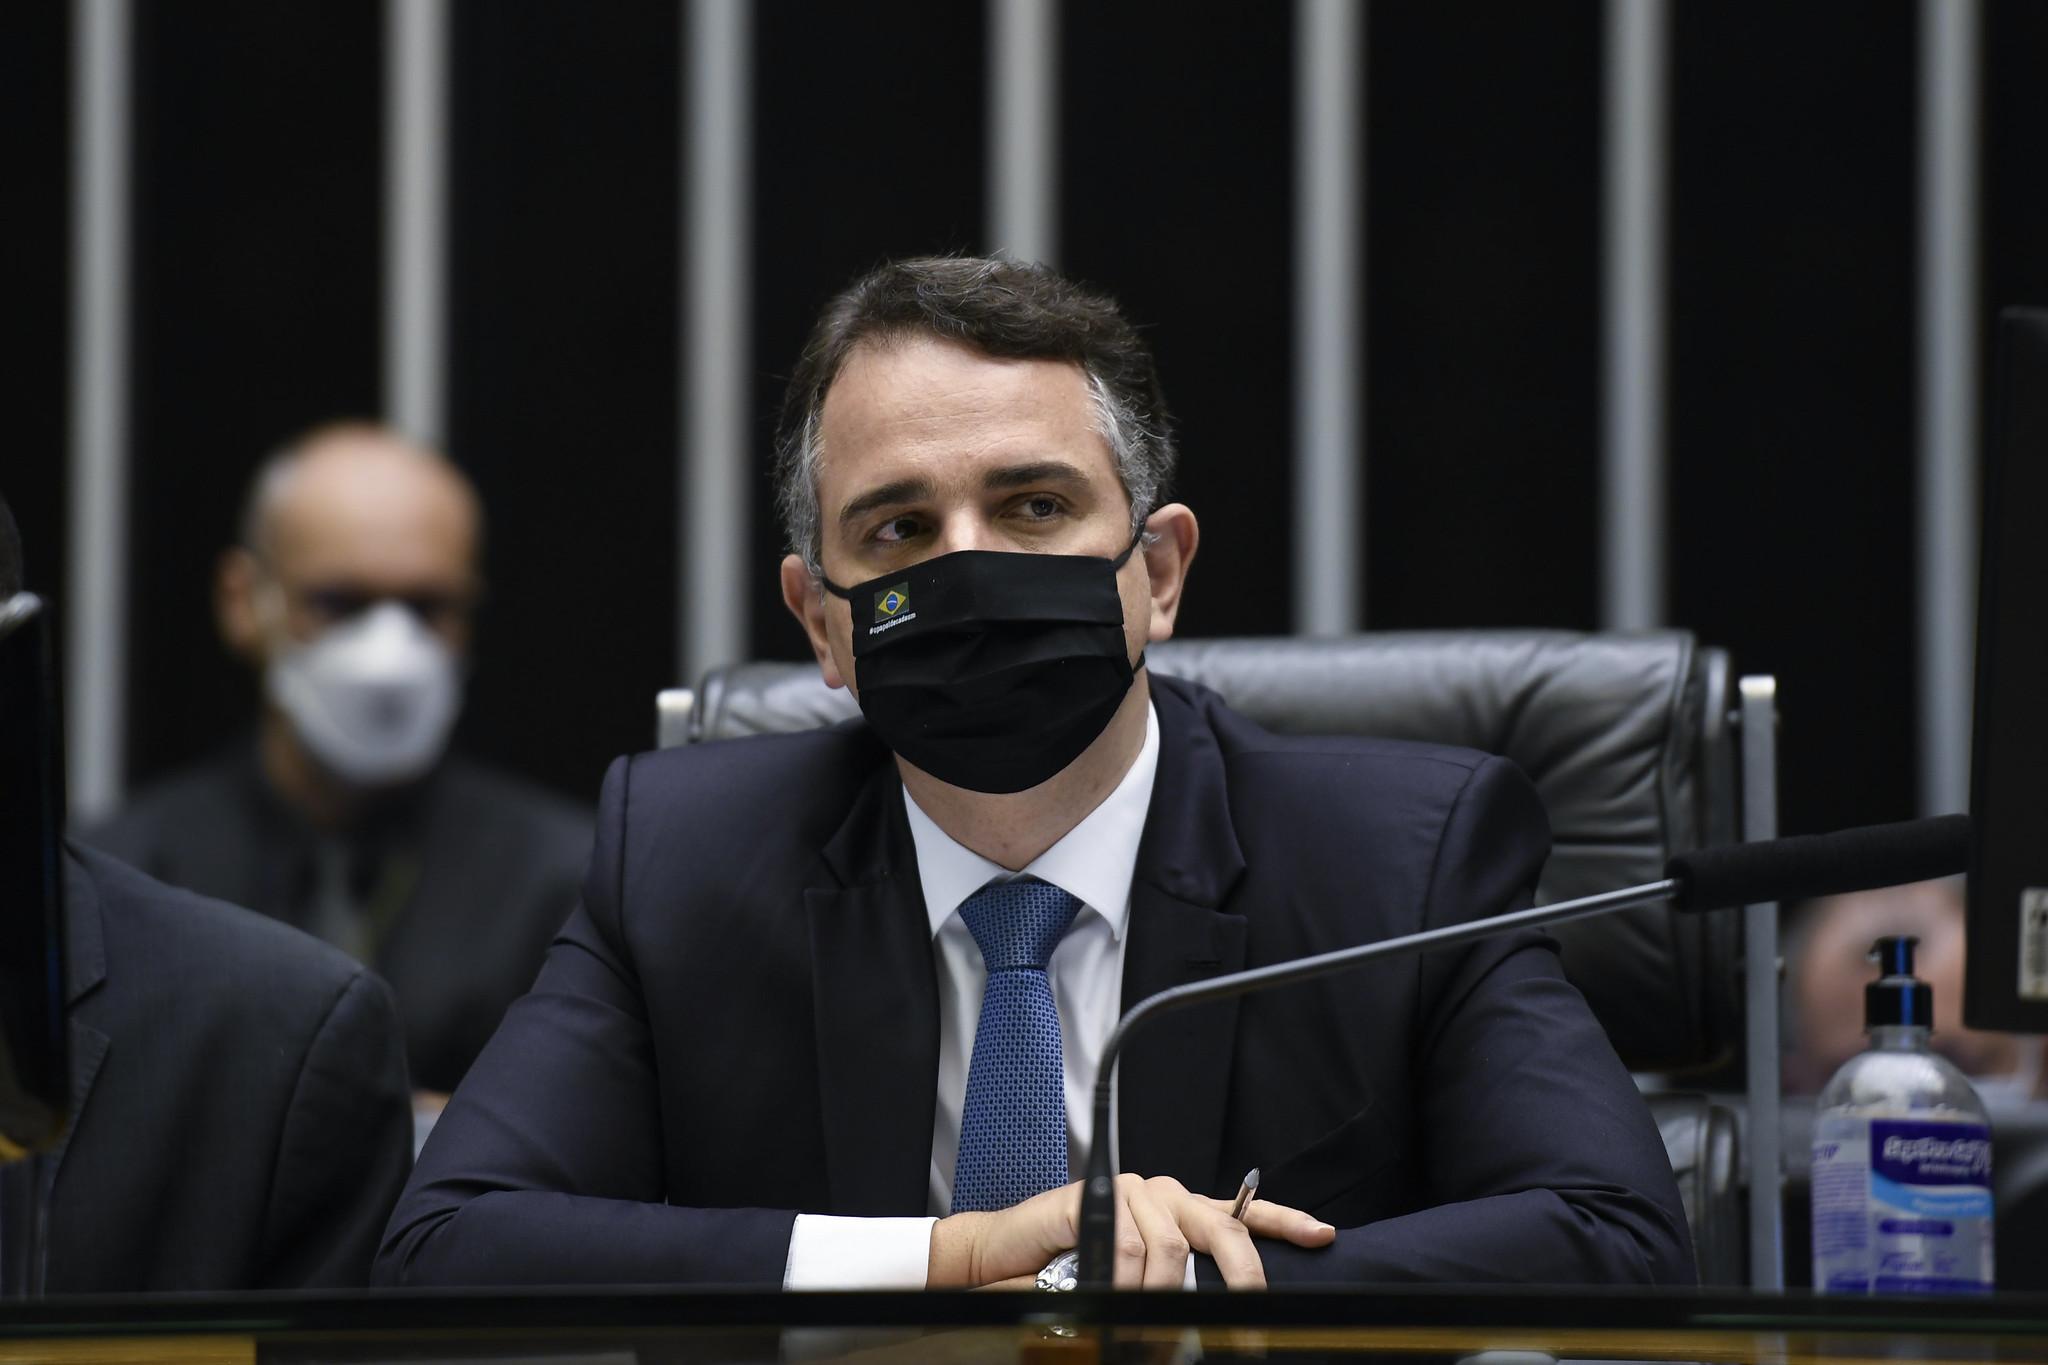 IMAGEM: Senado votará PEC da reforma eleitoral, mas tendência é rejeição, diz Pacheco